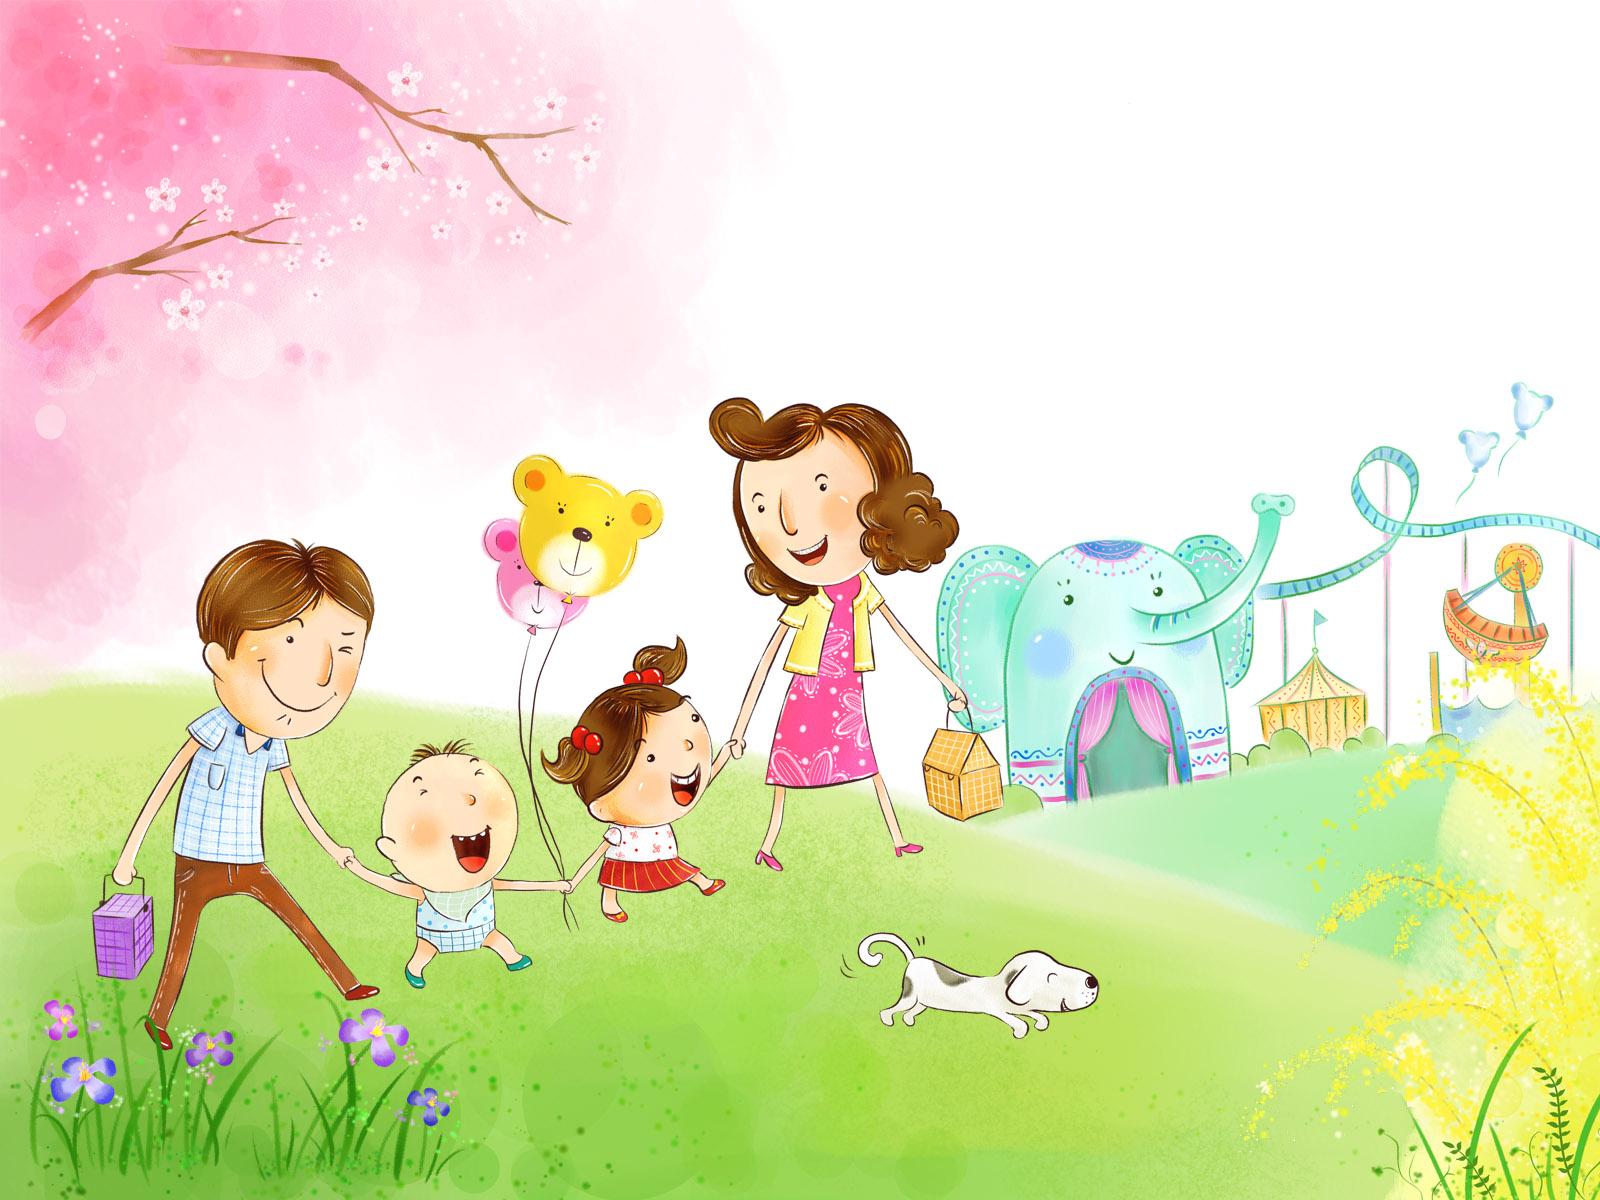 壁纸1600×1200幸福家庭 2 2壁纸 幸福家庭壁纸图片矢量壁纸矢量图片素材桌面壁纸